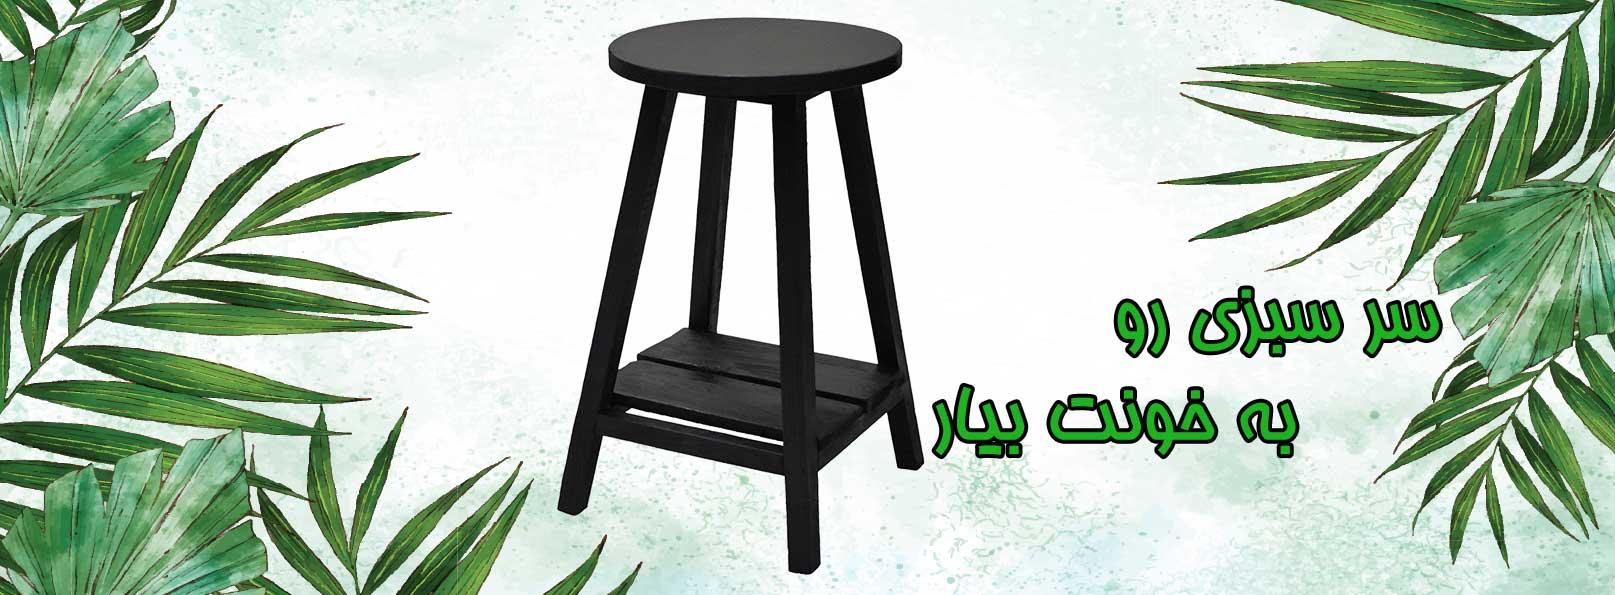 چهارپایه چوبی گلدان